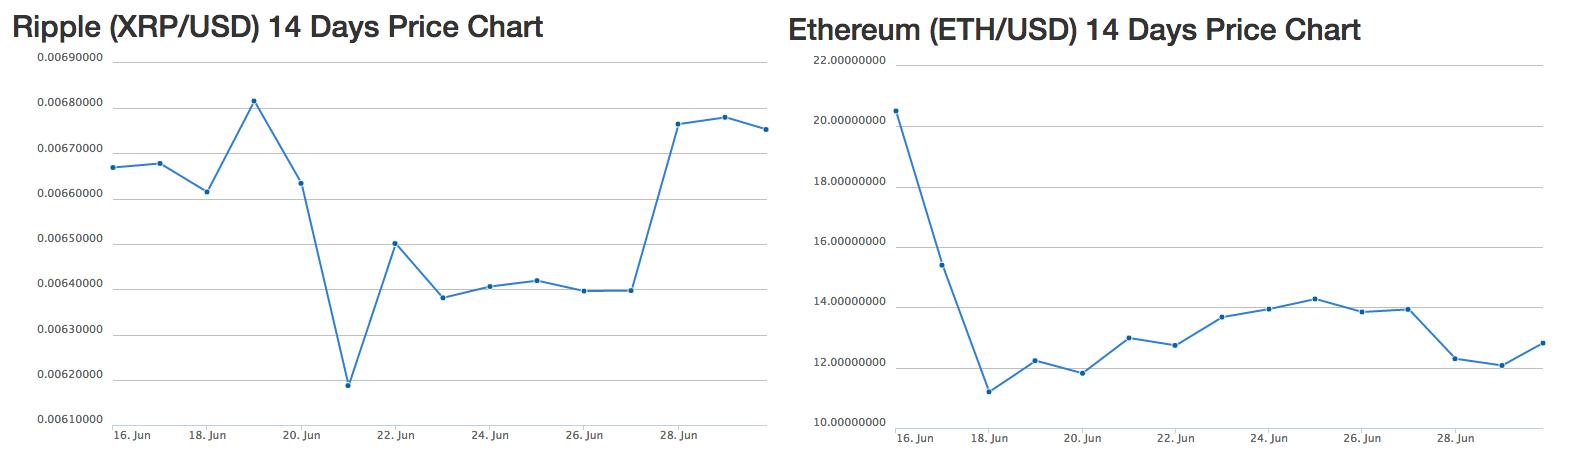 Баг в софт-форке Ethereum, откат результатов и рост Ripple - 3